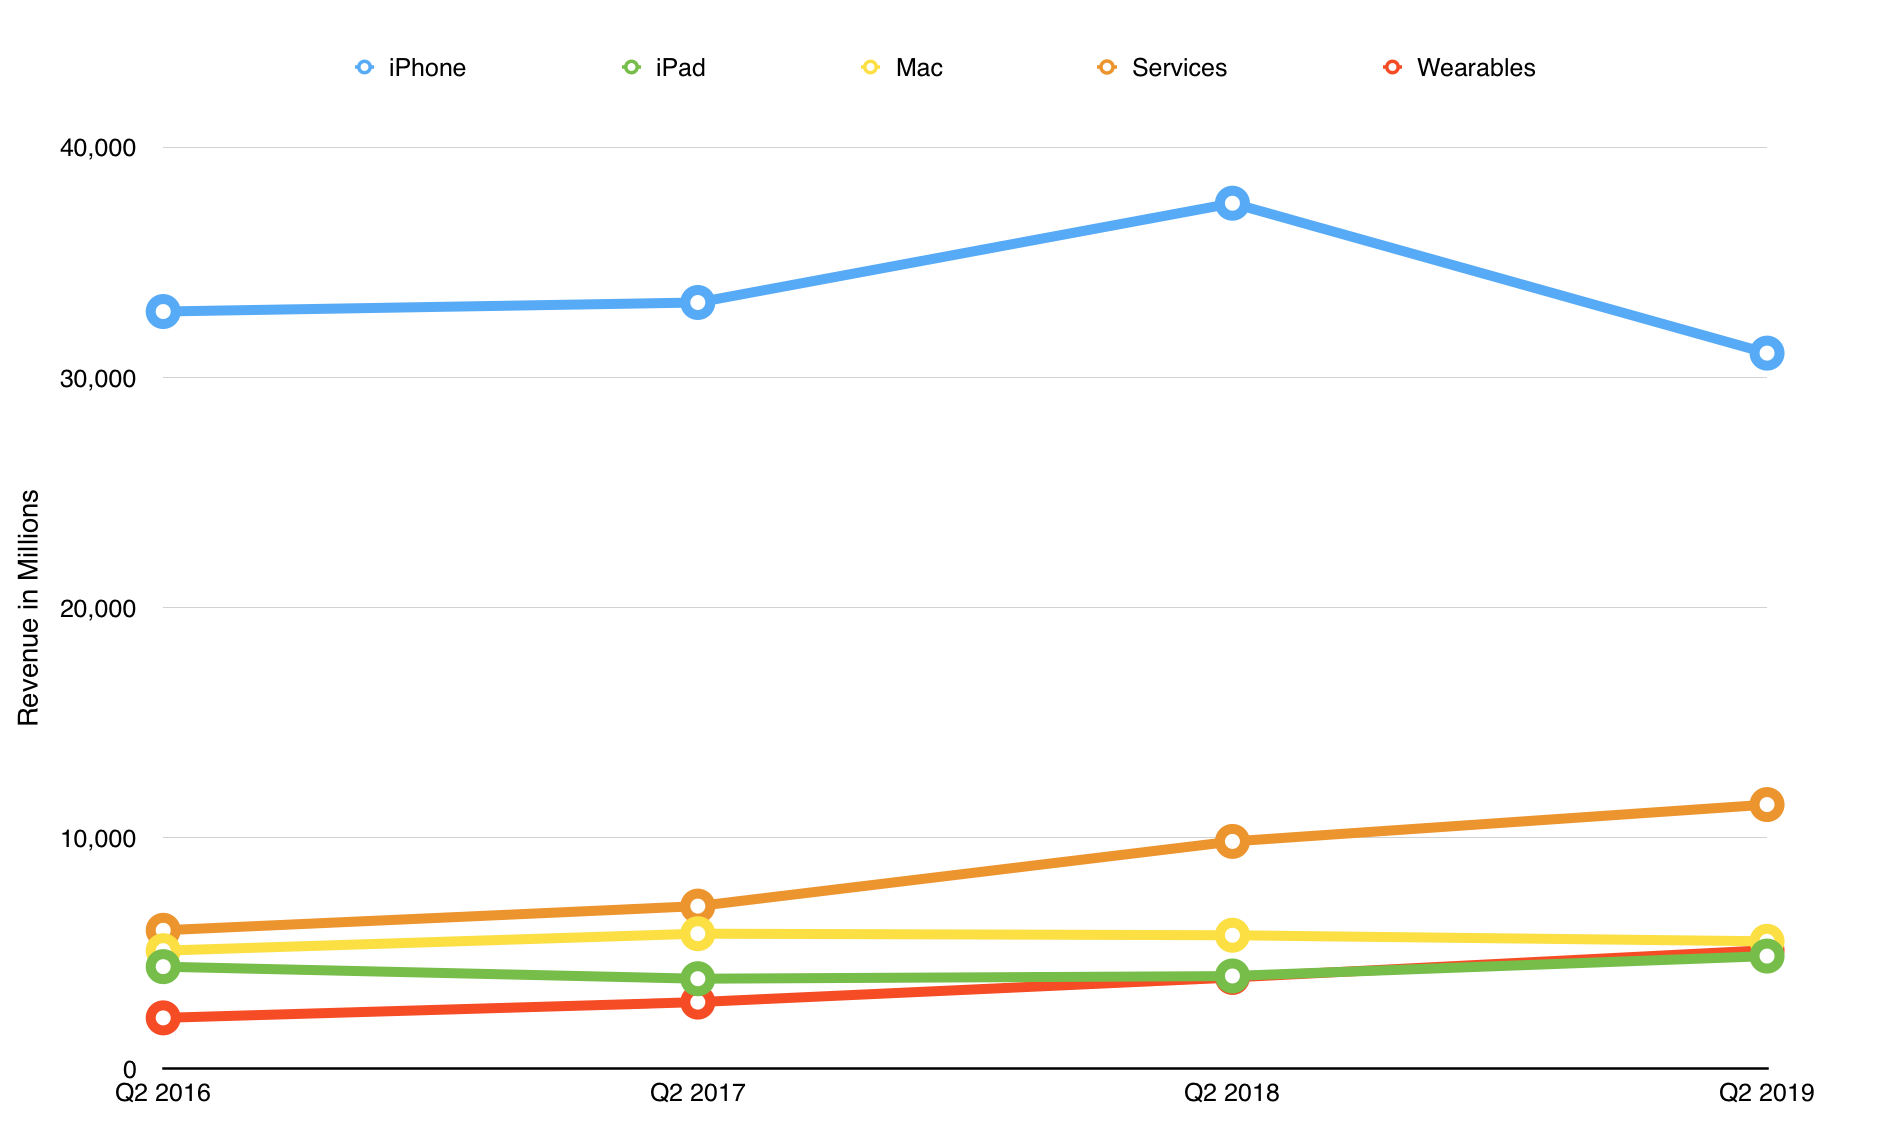 De iPhone-omzet daalde in het tweede kwartaal flink en er was niets dat dit compenseerde